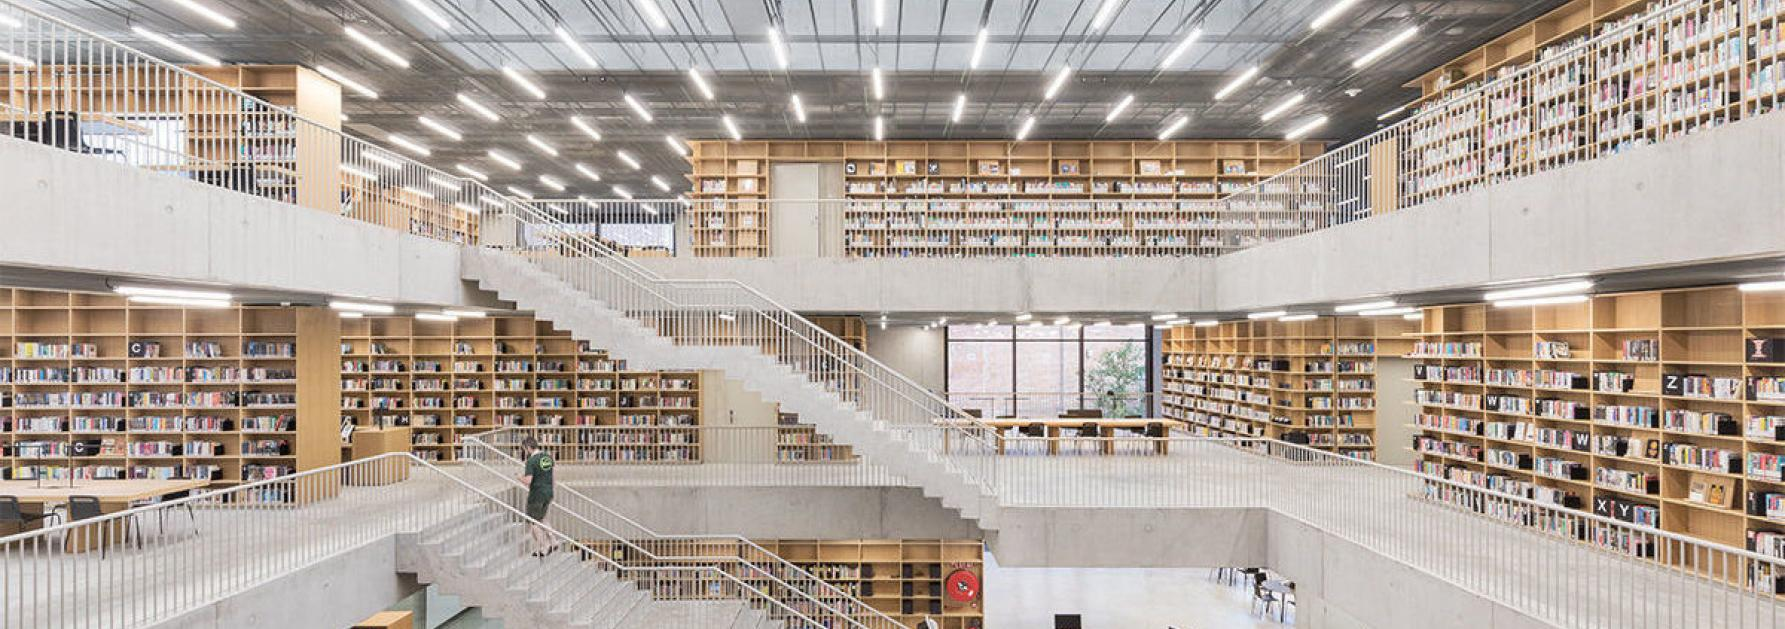 Bibliotheek Utopia Aalst